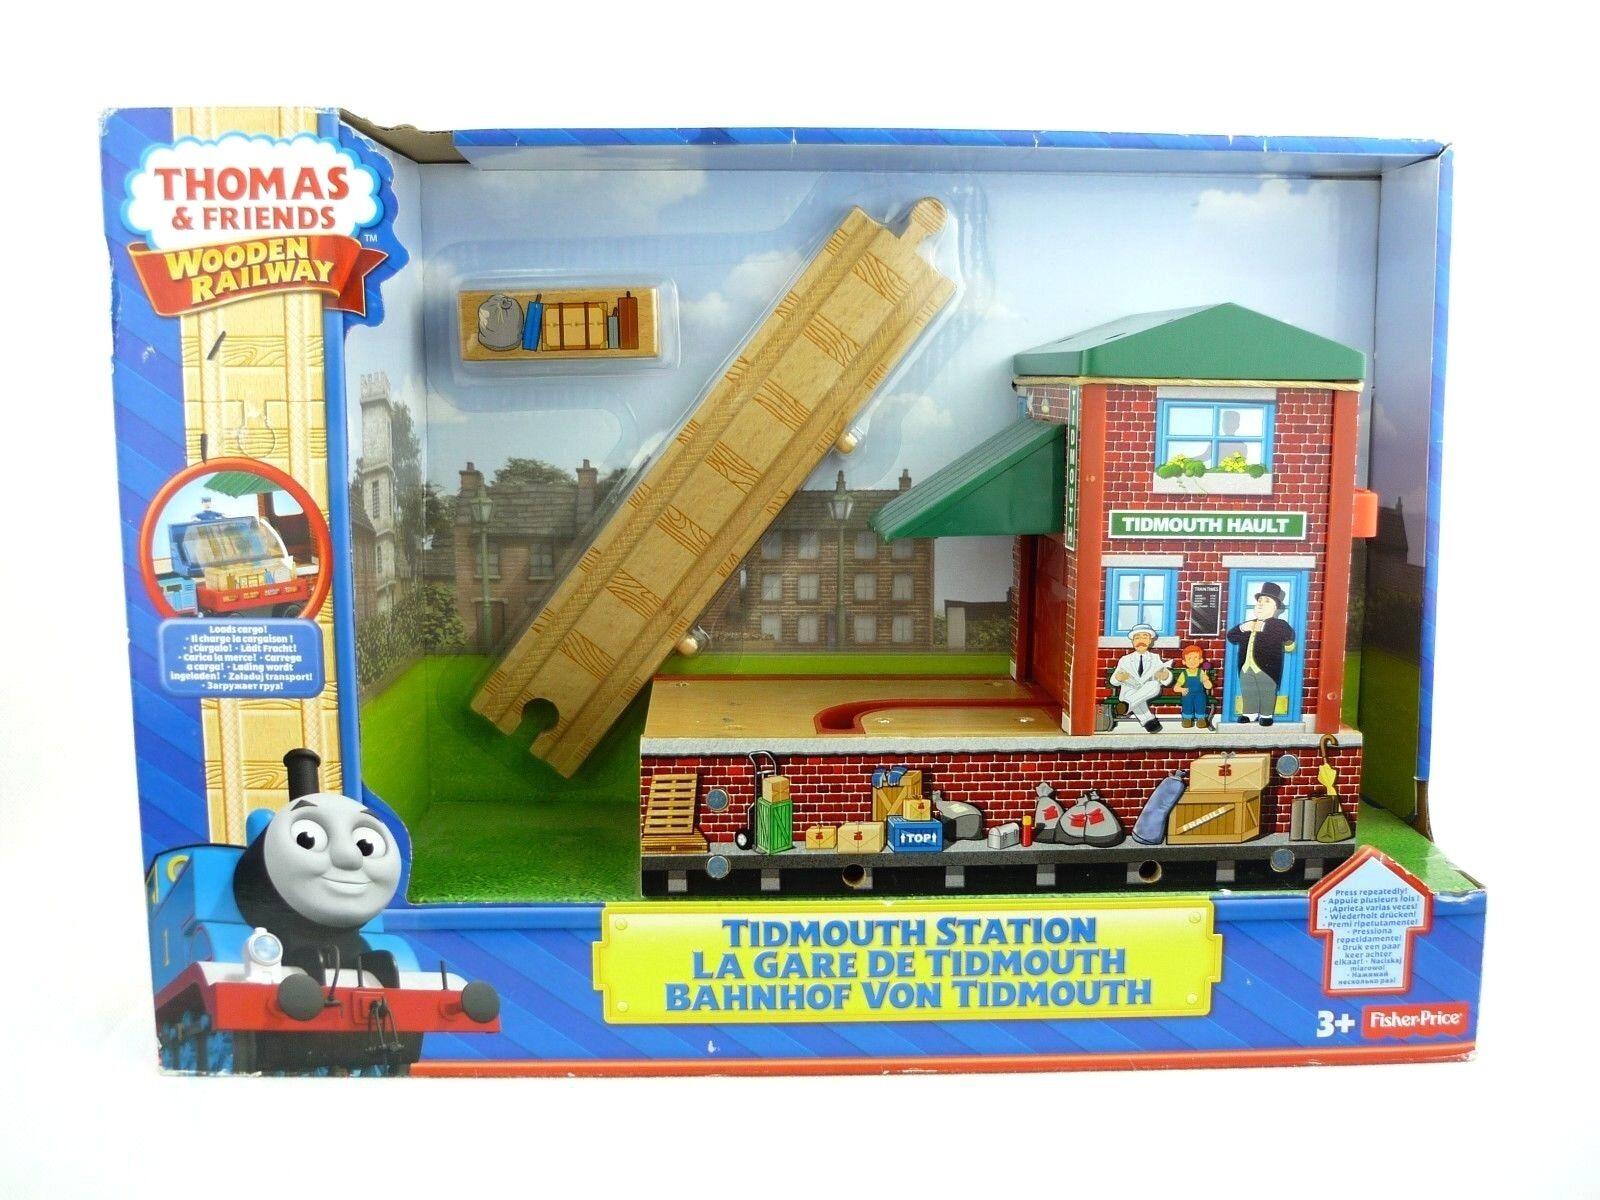 Thomas & Friends Wooden Railway Bahnhof von Tidmouth Spielset BDG09